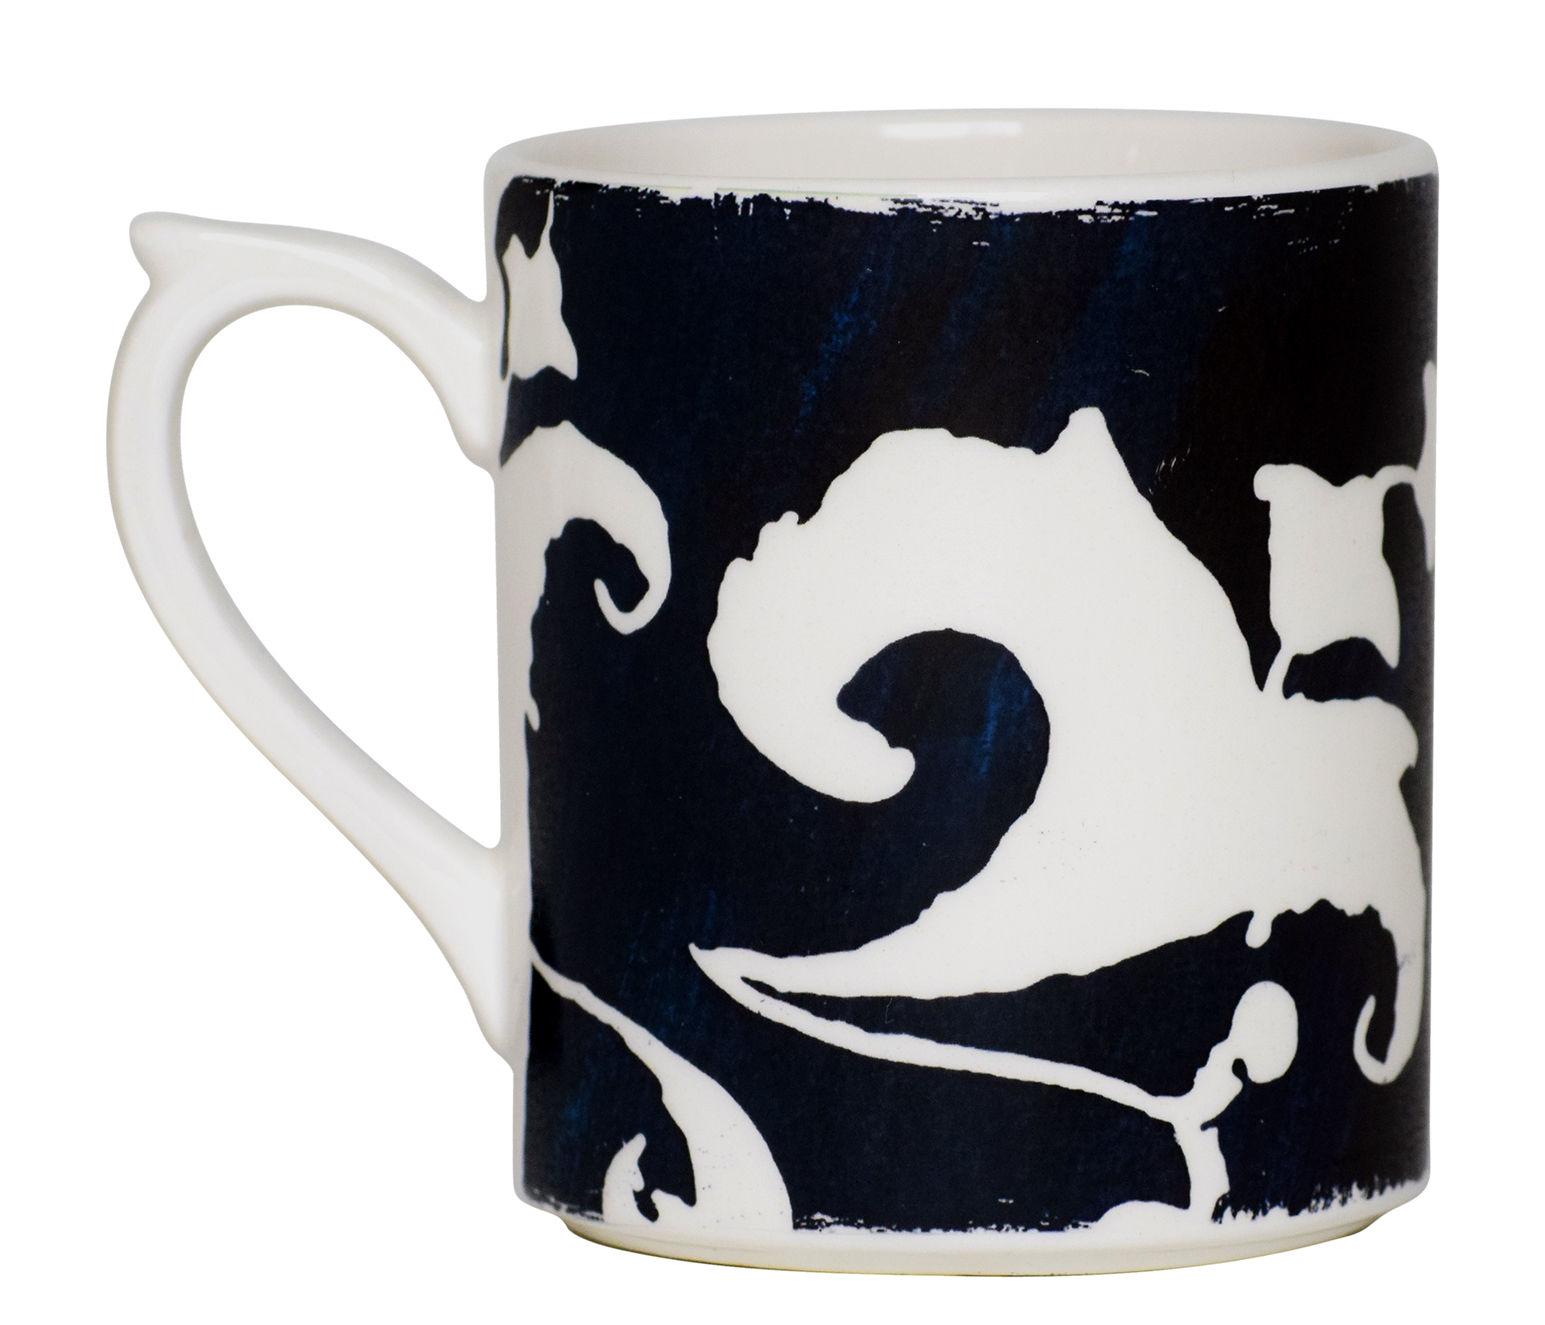 Arts de la table - Tasses et mugs - Mug Indigo / 25 cl - GIEN - Blanc / Fond bleu - Faïence fine de Gien